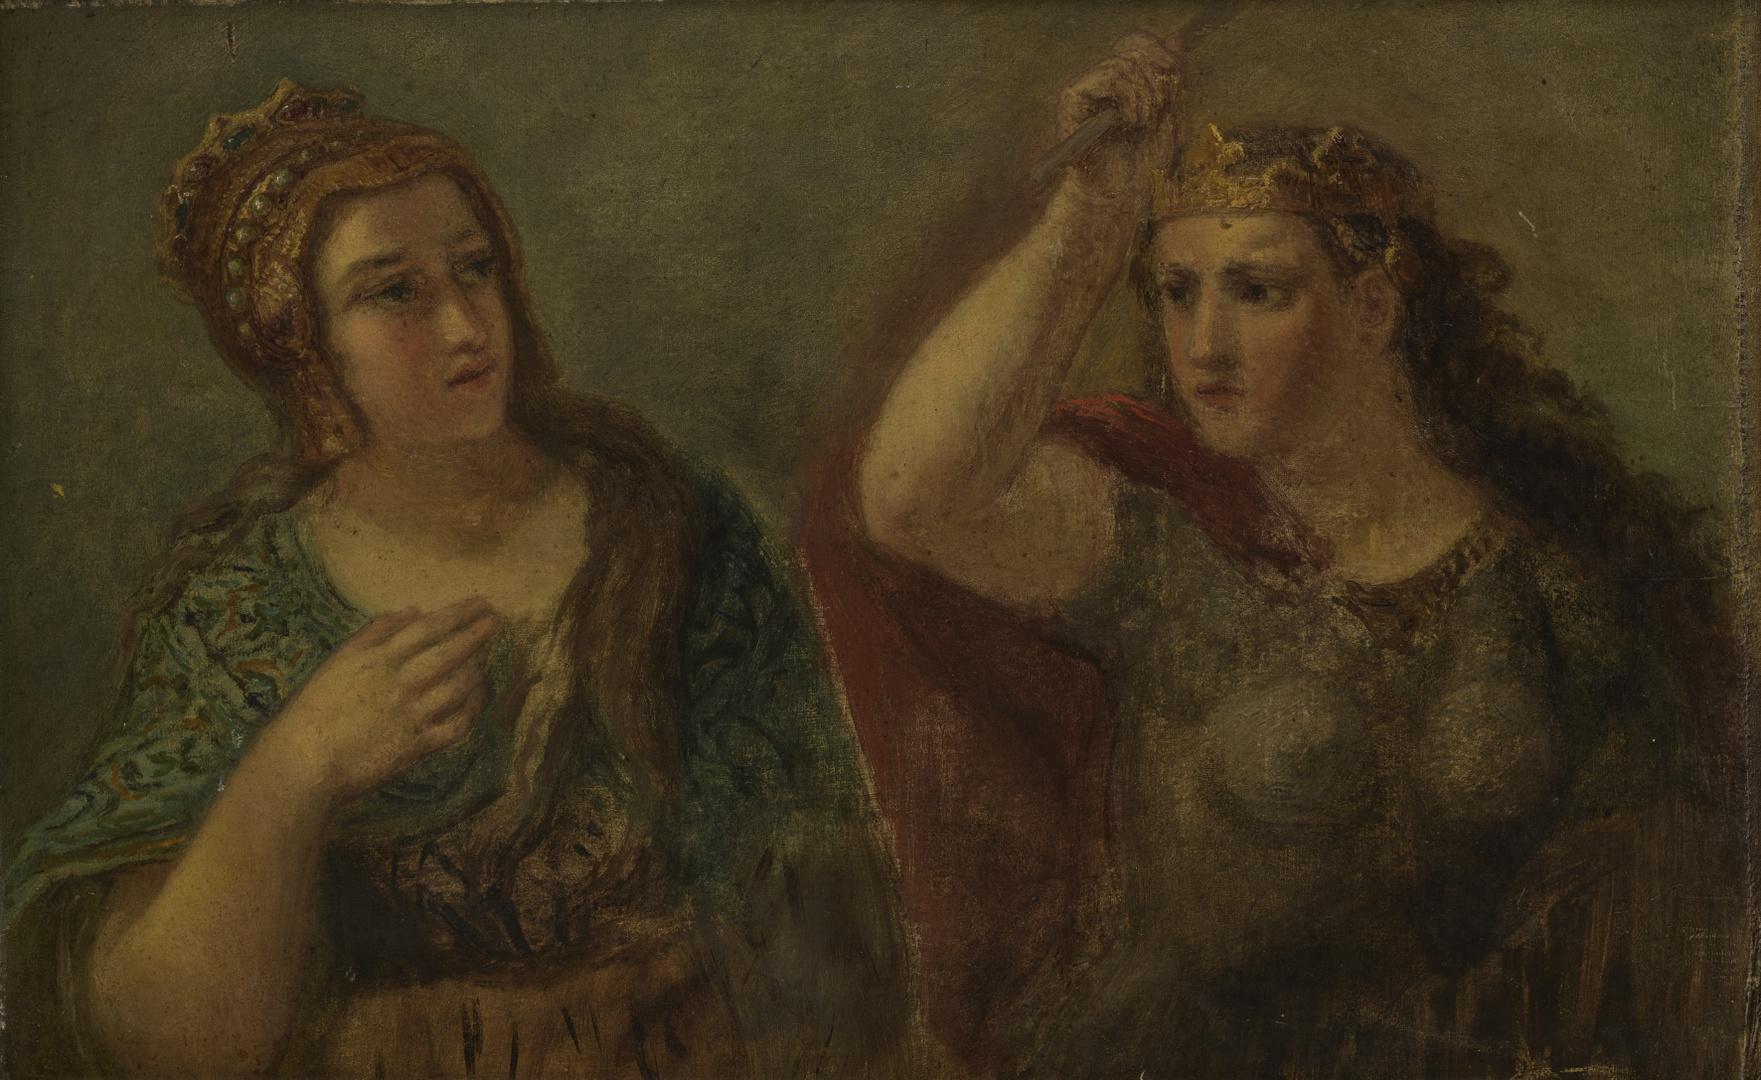 Voorstelling van twee gekroonde vrouwelijke figuren, waarvan de rechter een staf in de opgeheven rechterhand houdt